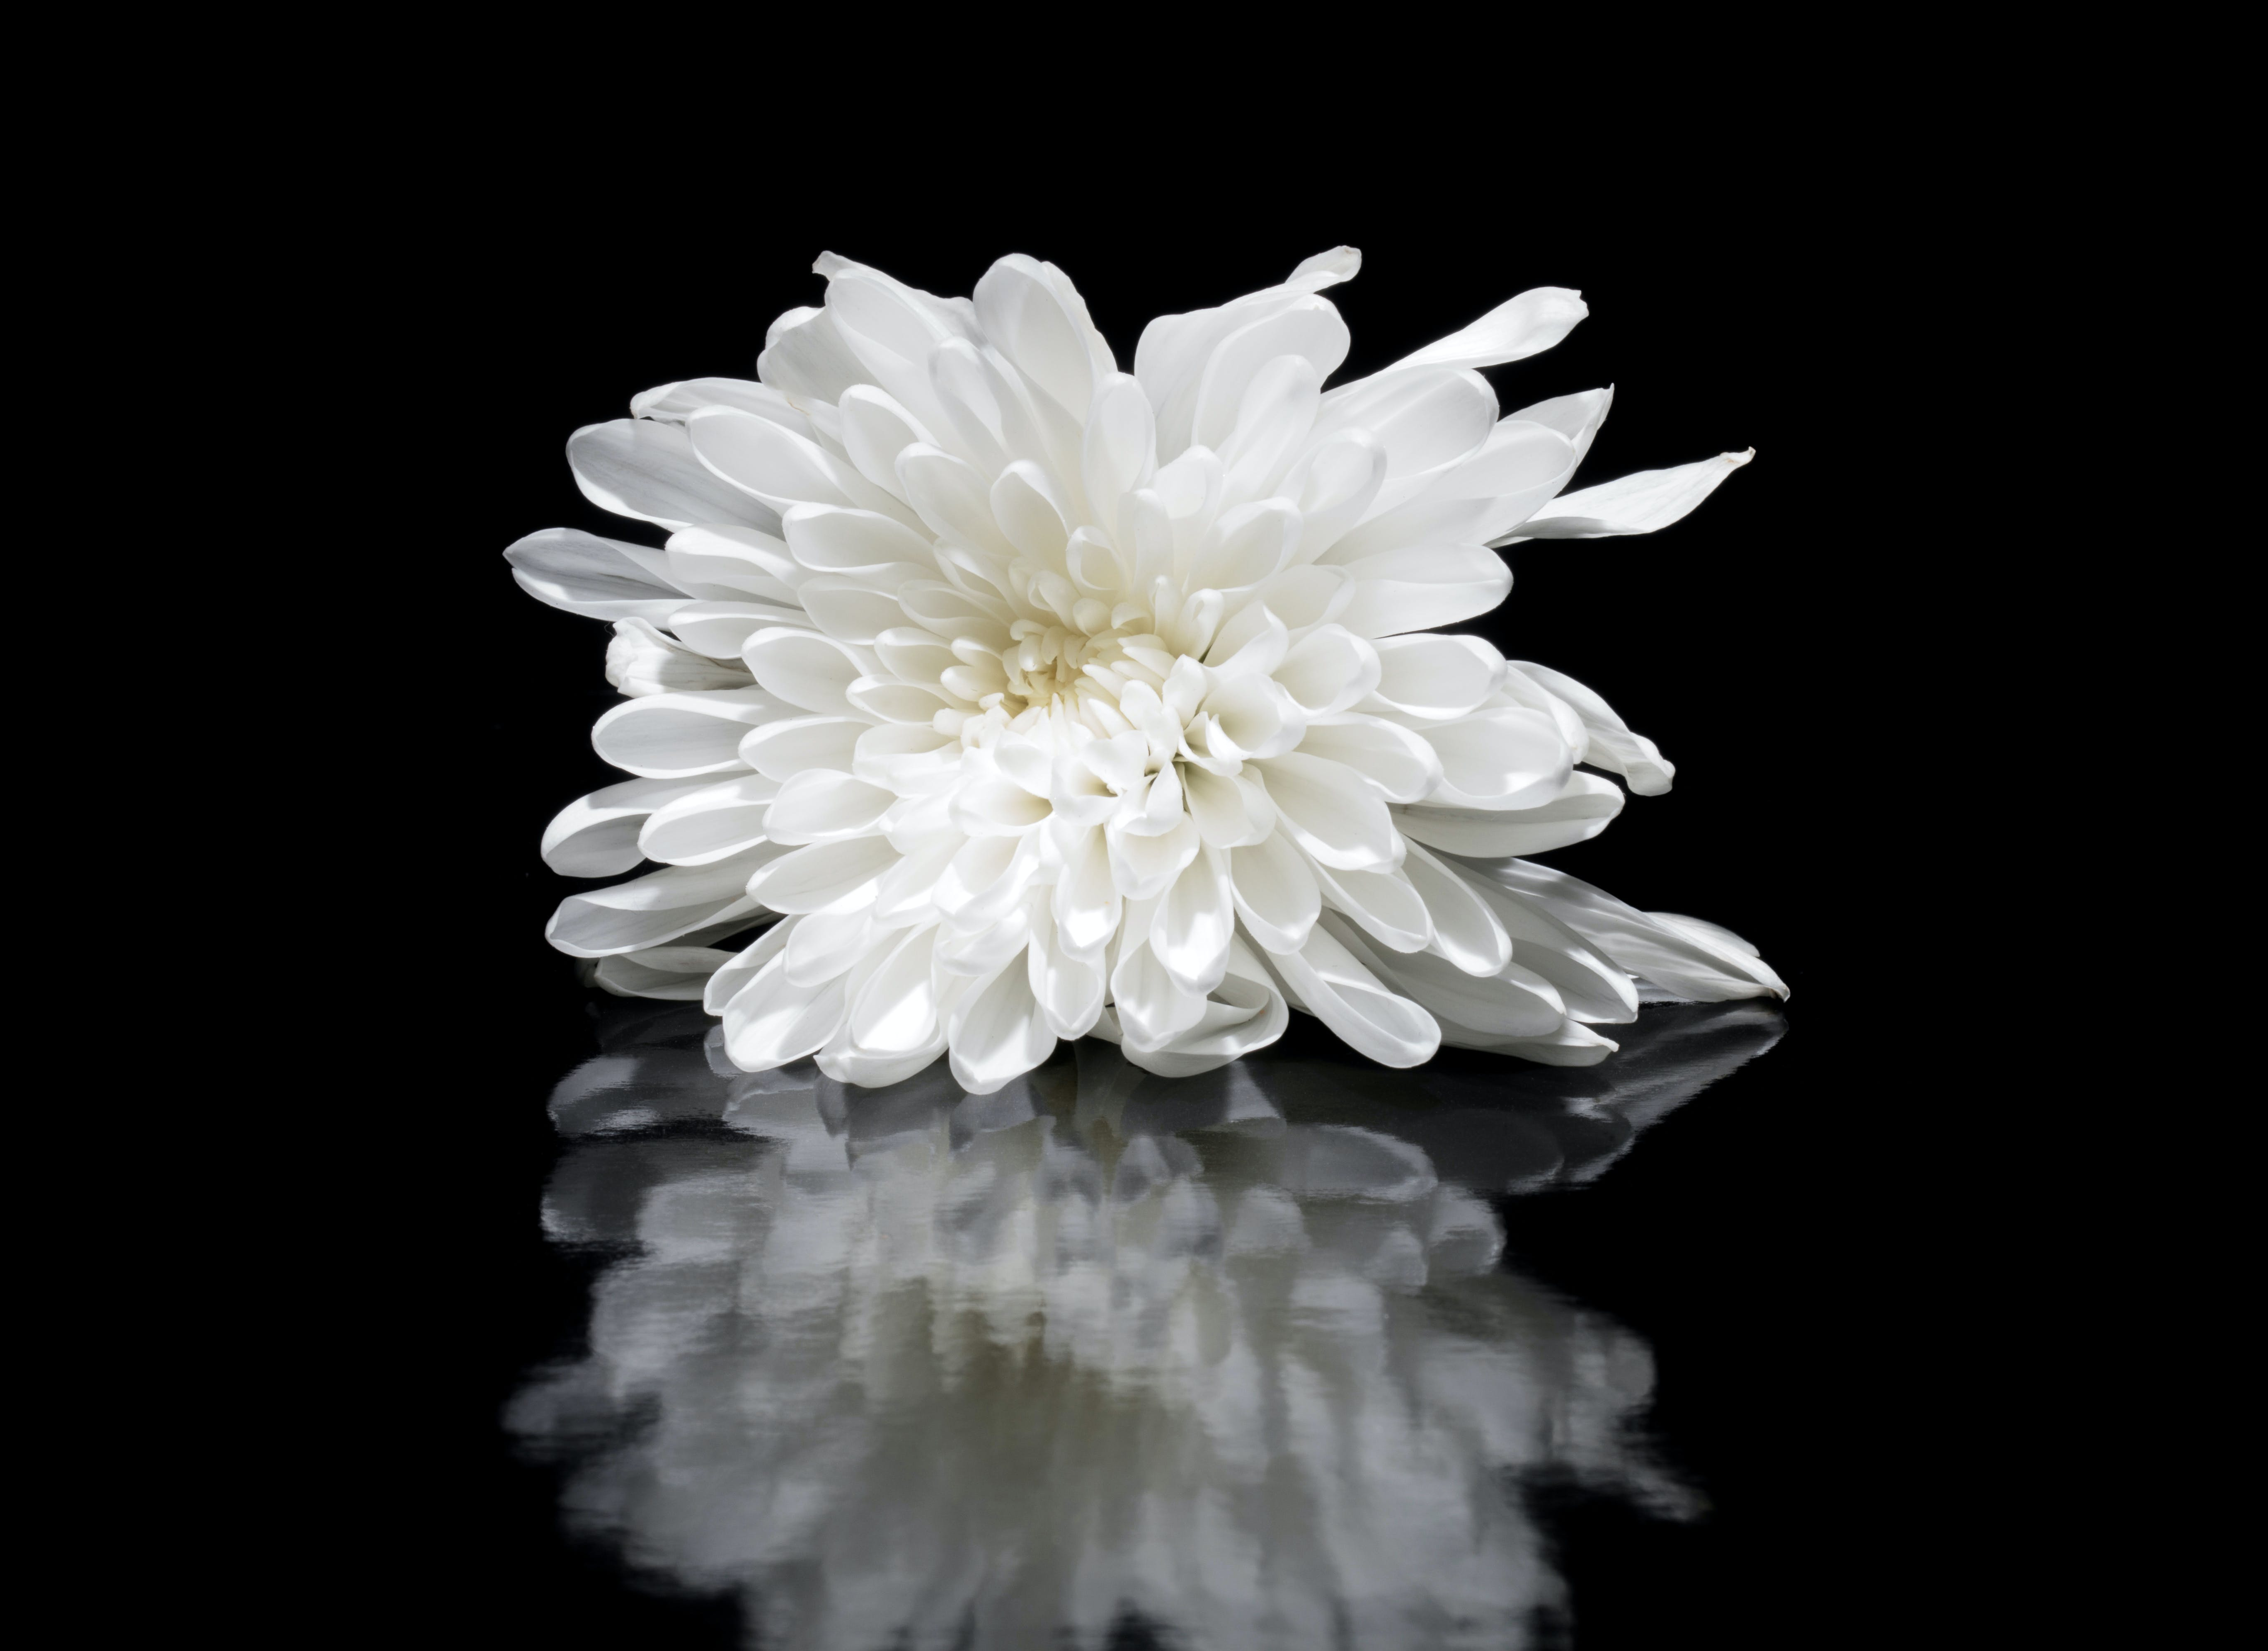 Gratis lagerfoto af blomst, blomstrende, close-up, delikat